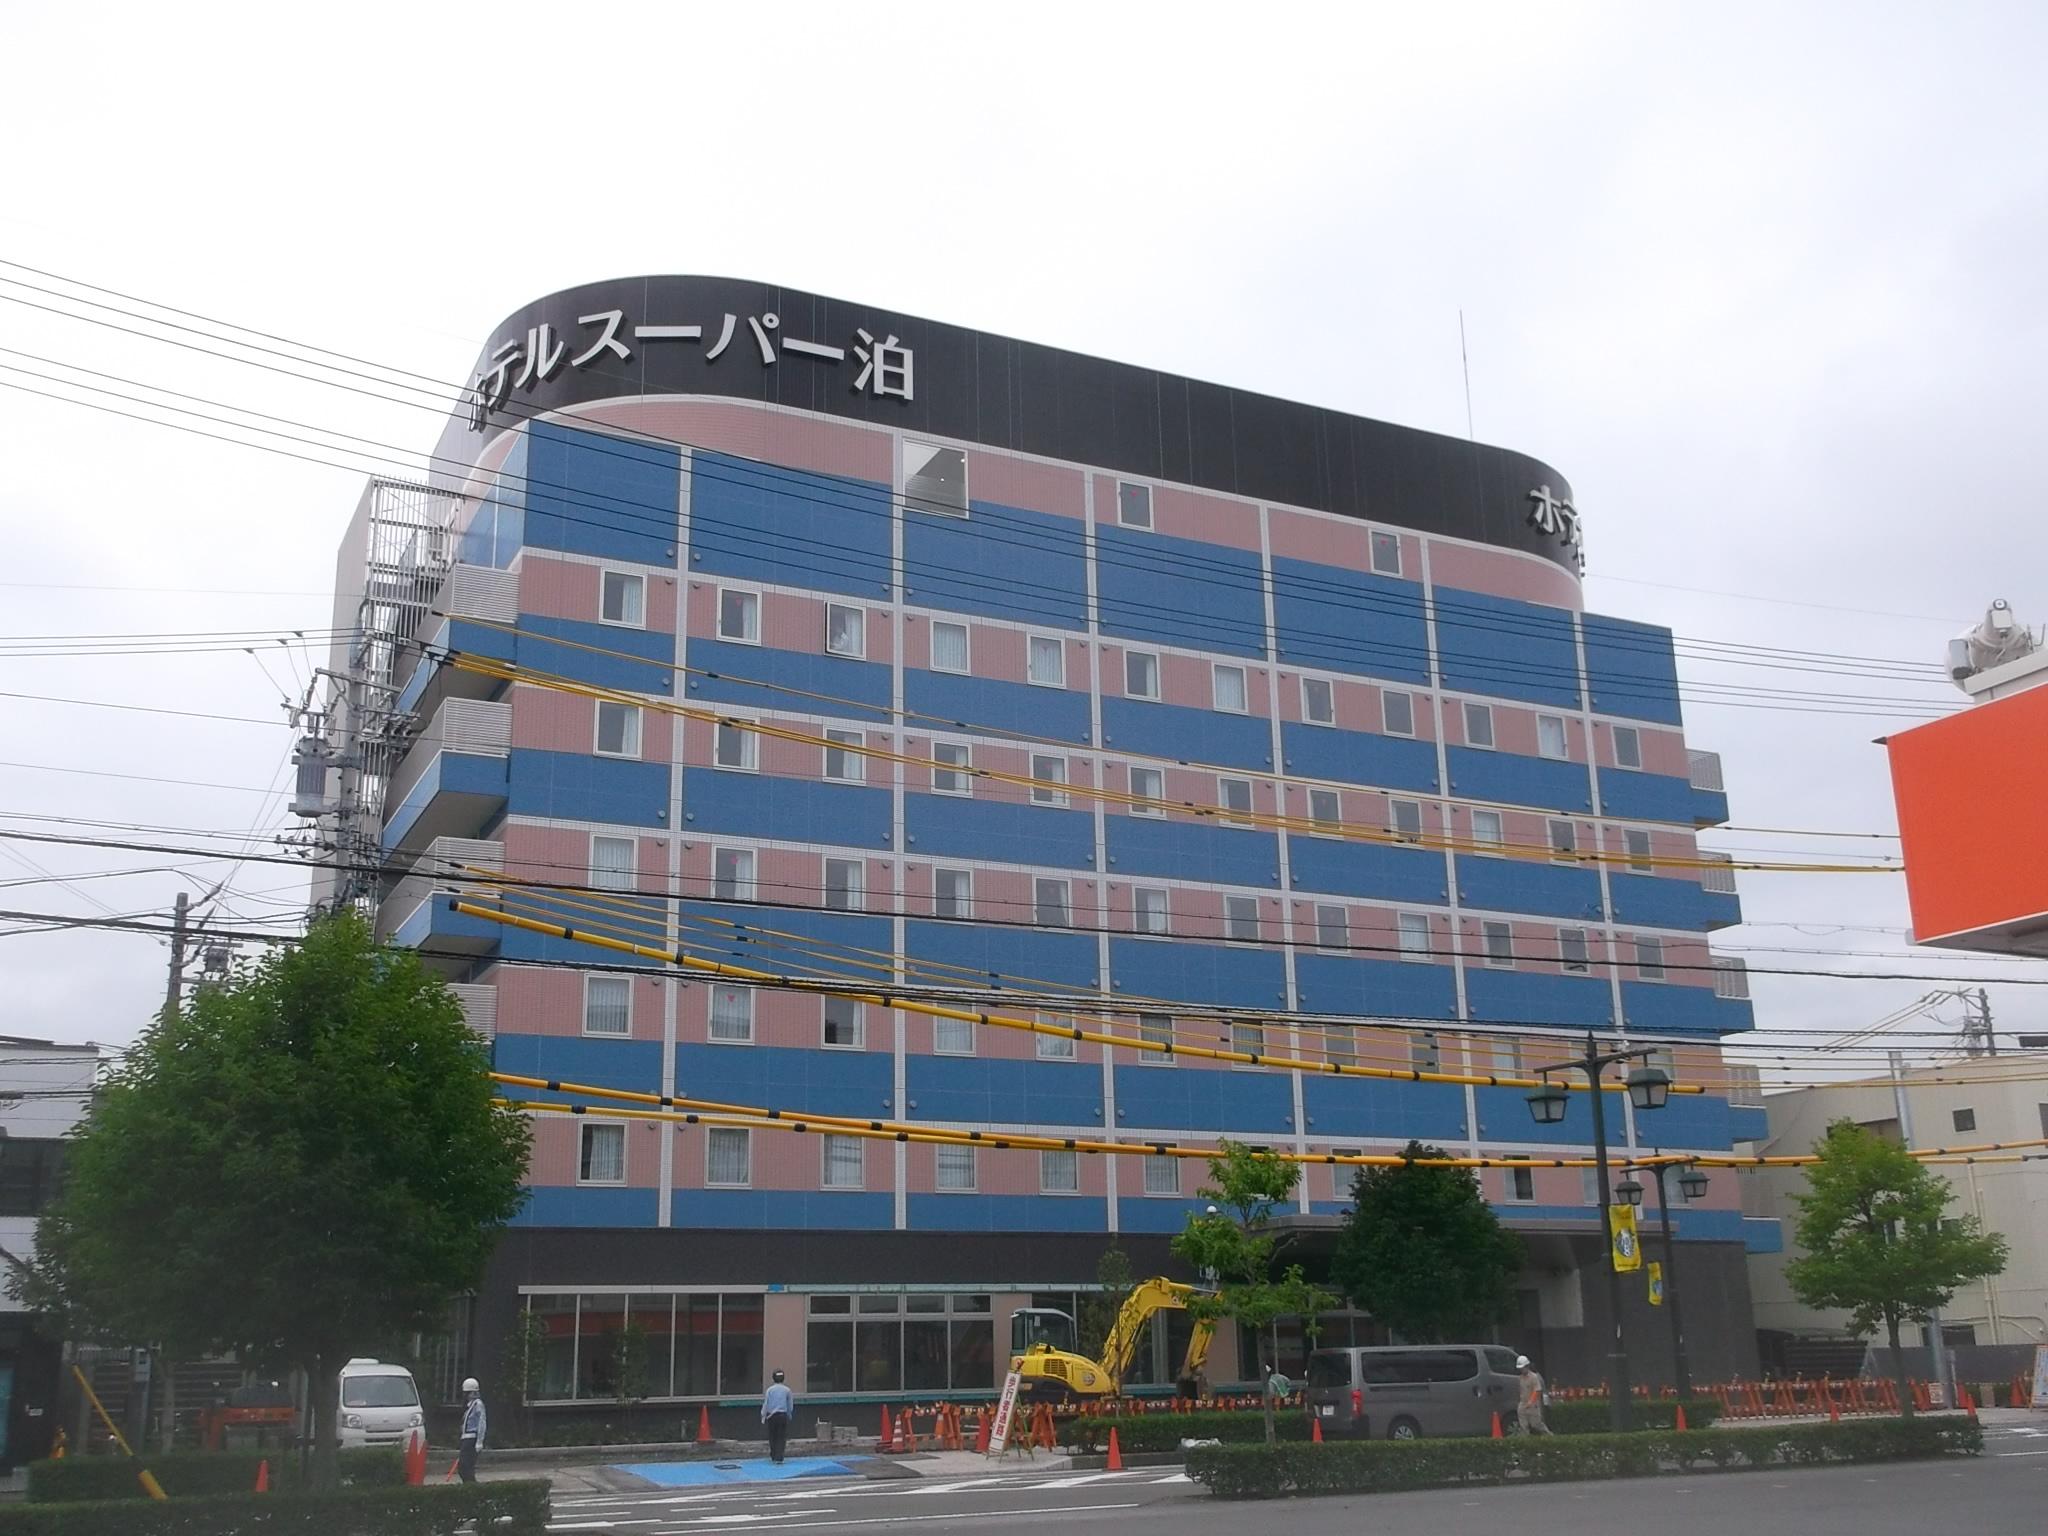 ホテルスーパー泊(藤枝市)H27.8竣工DSCF3384.JPG